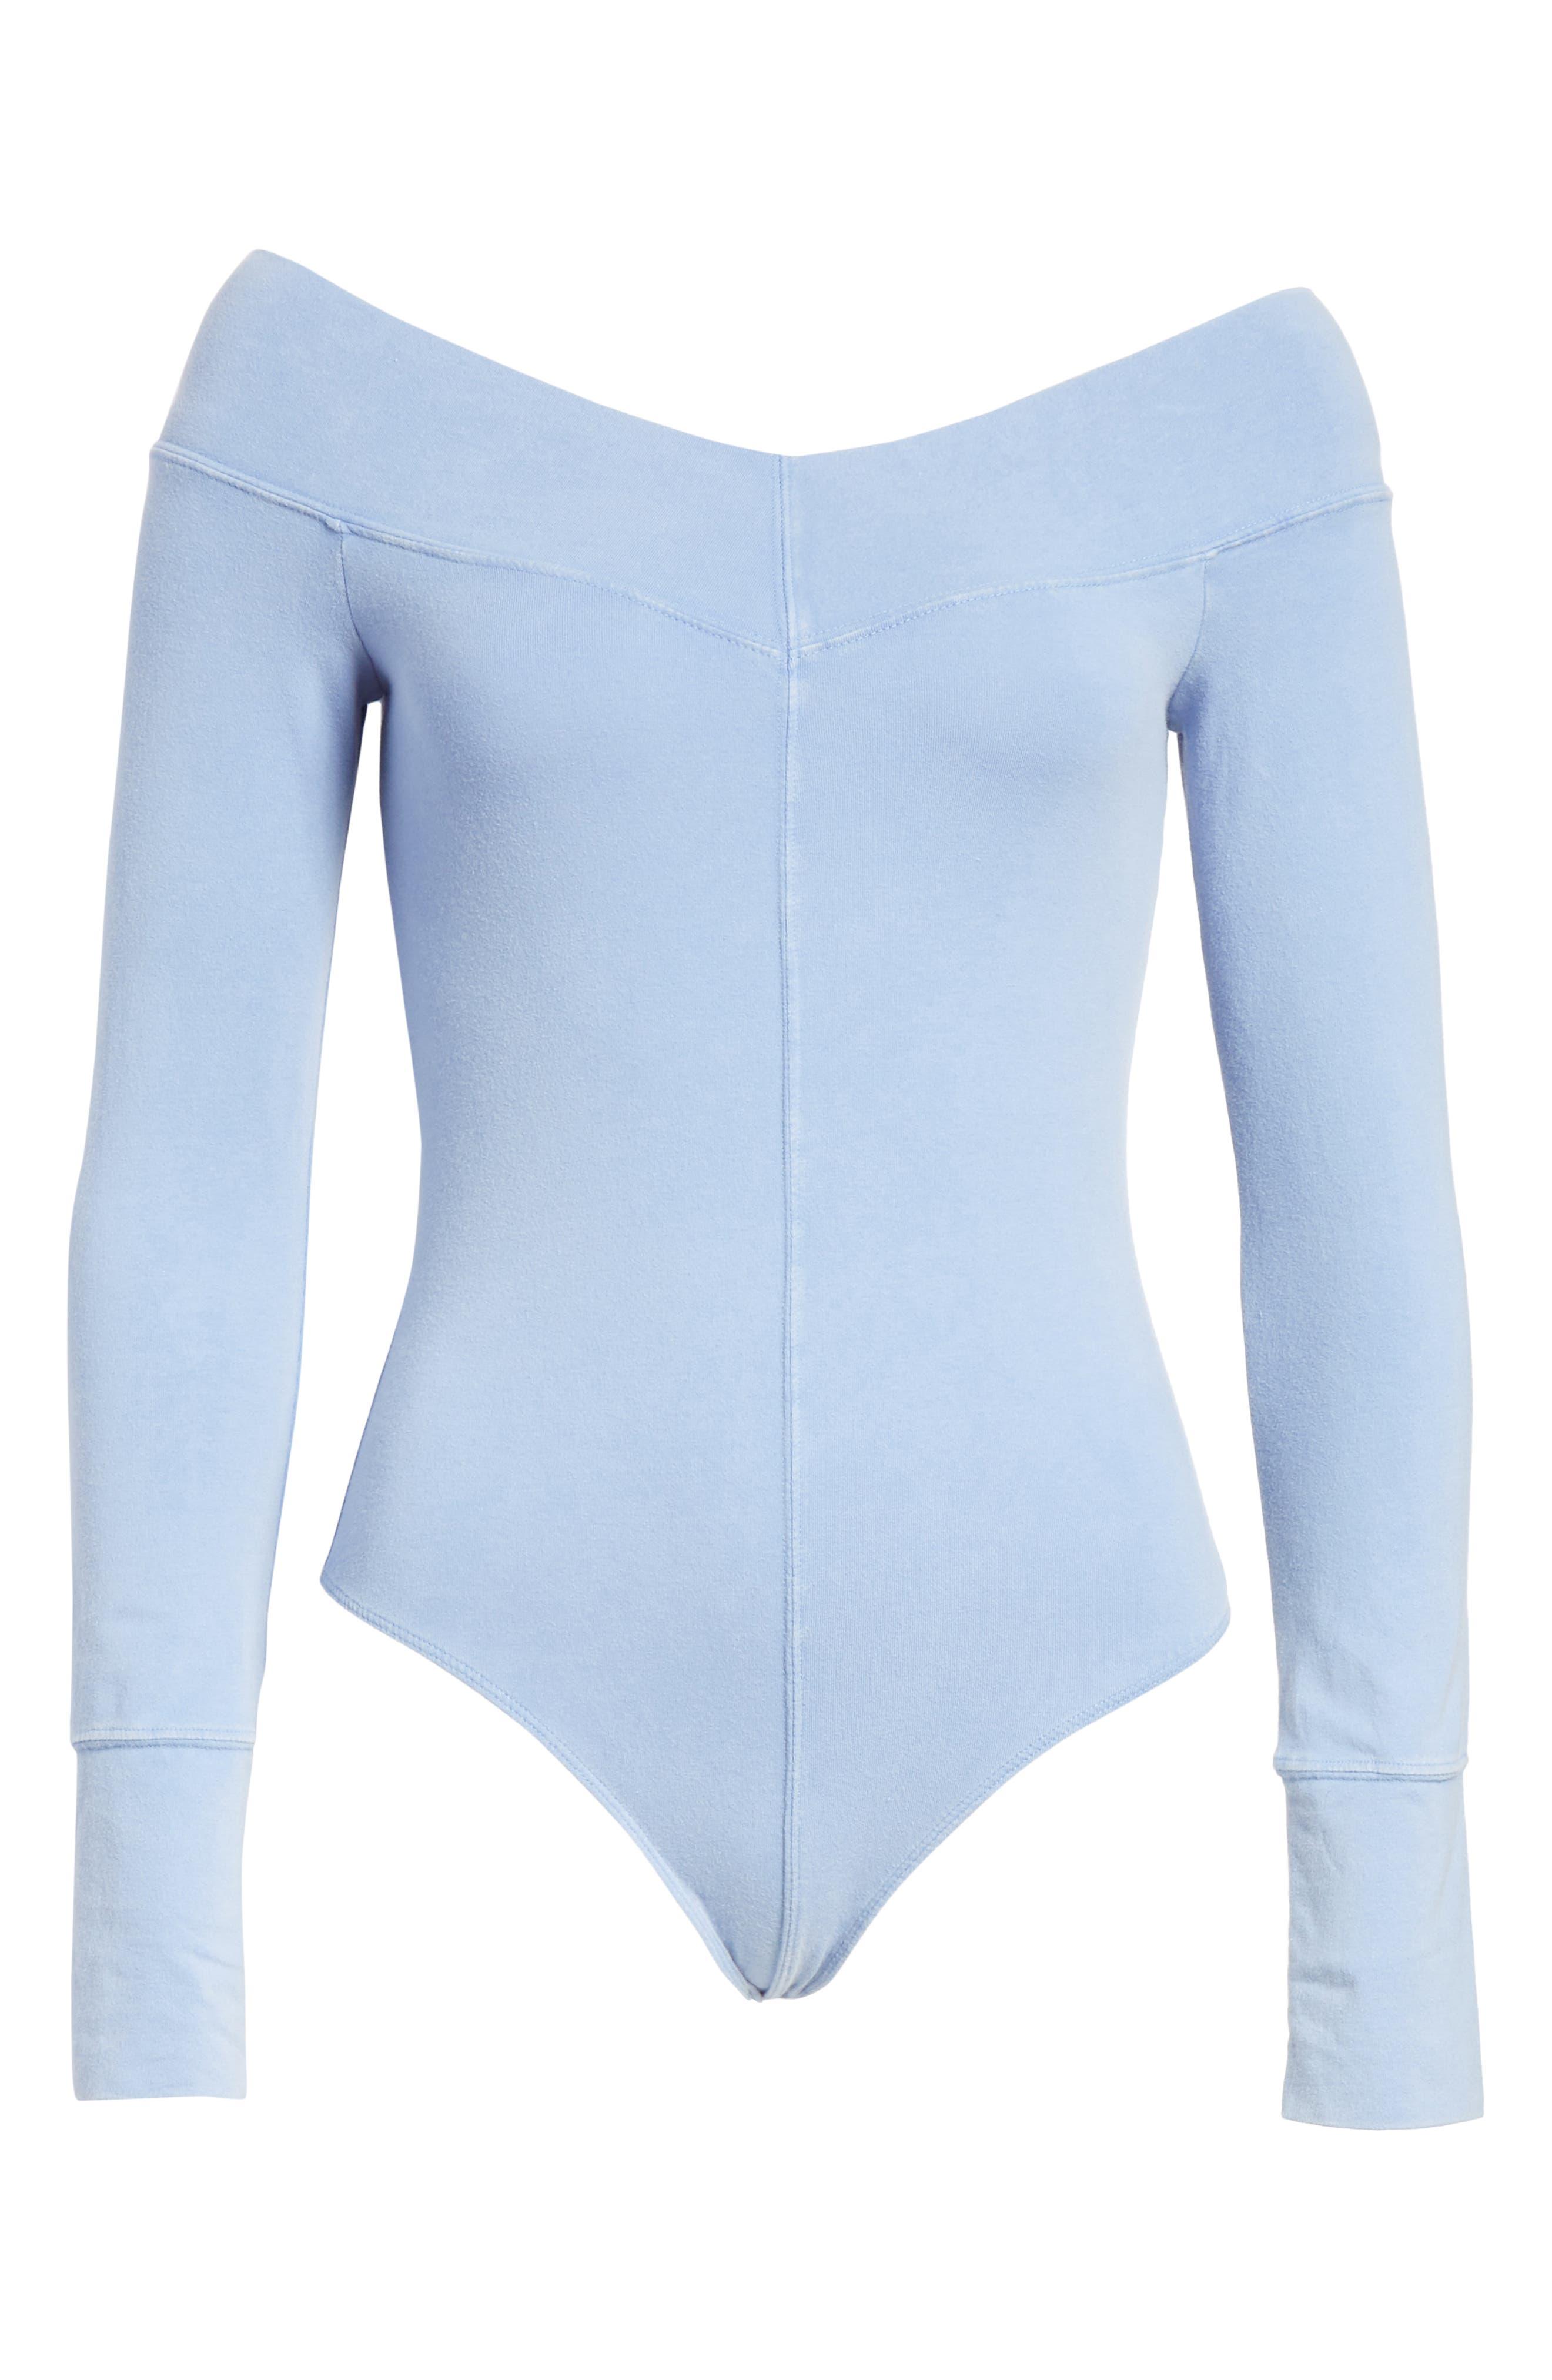 Zone Out Bodysuit,                             Alternate thumbnail 6, color,                             BLUE